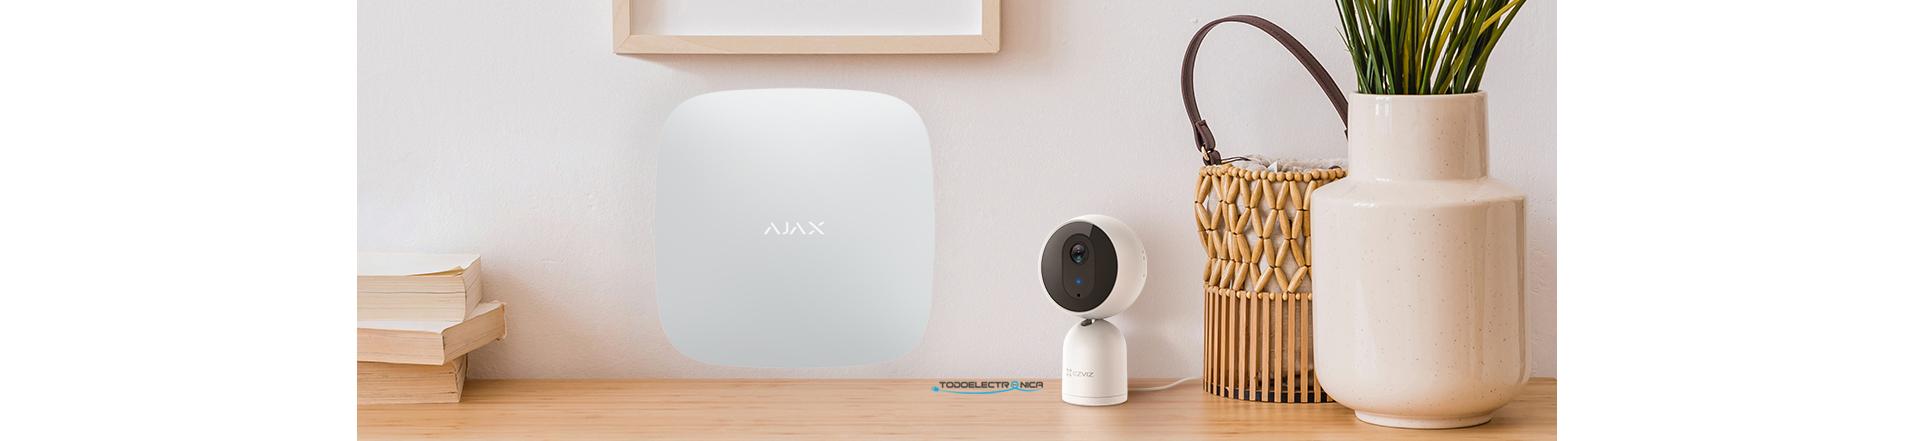 Alarma Ajax con cámara de vigilancia EZ-C1T